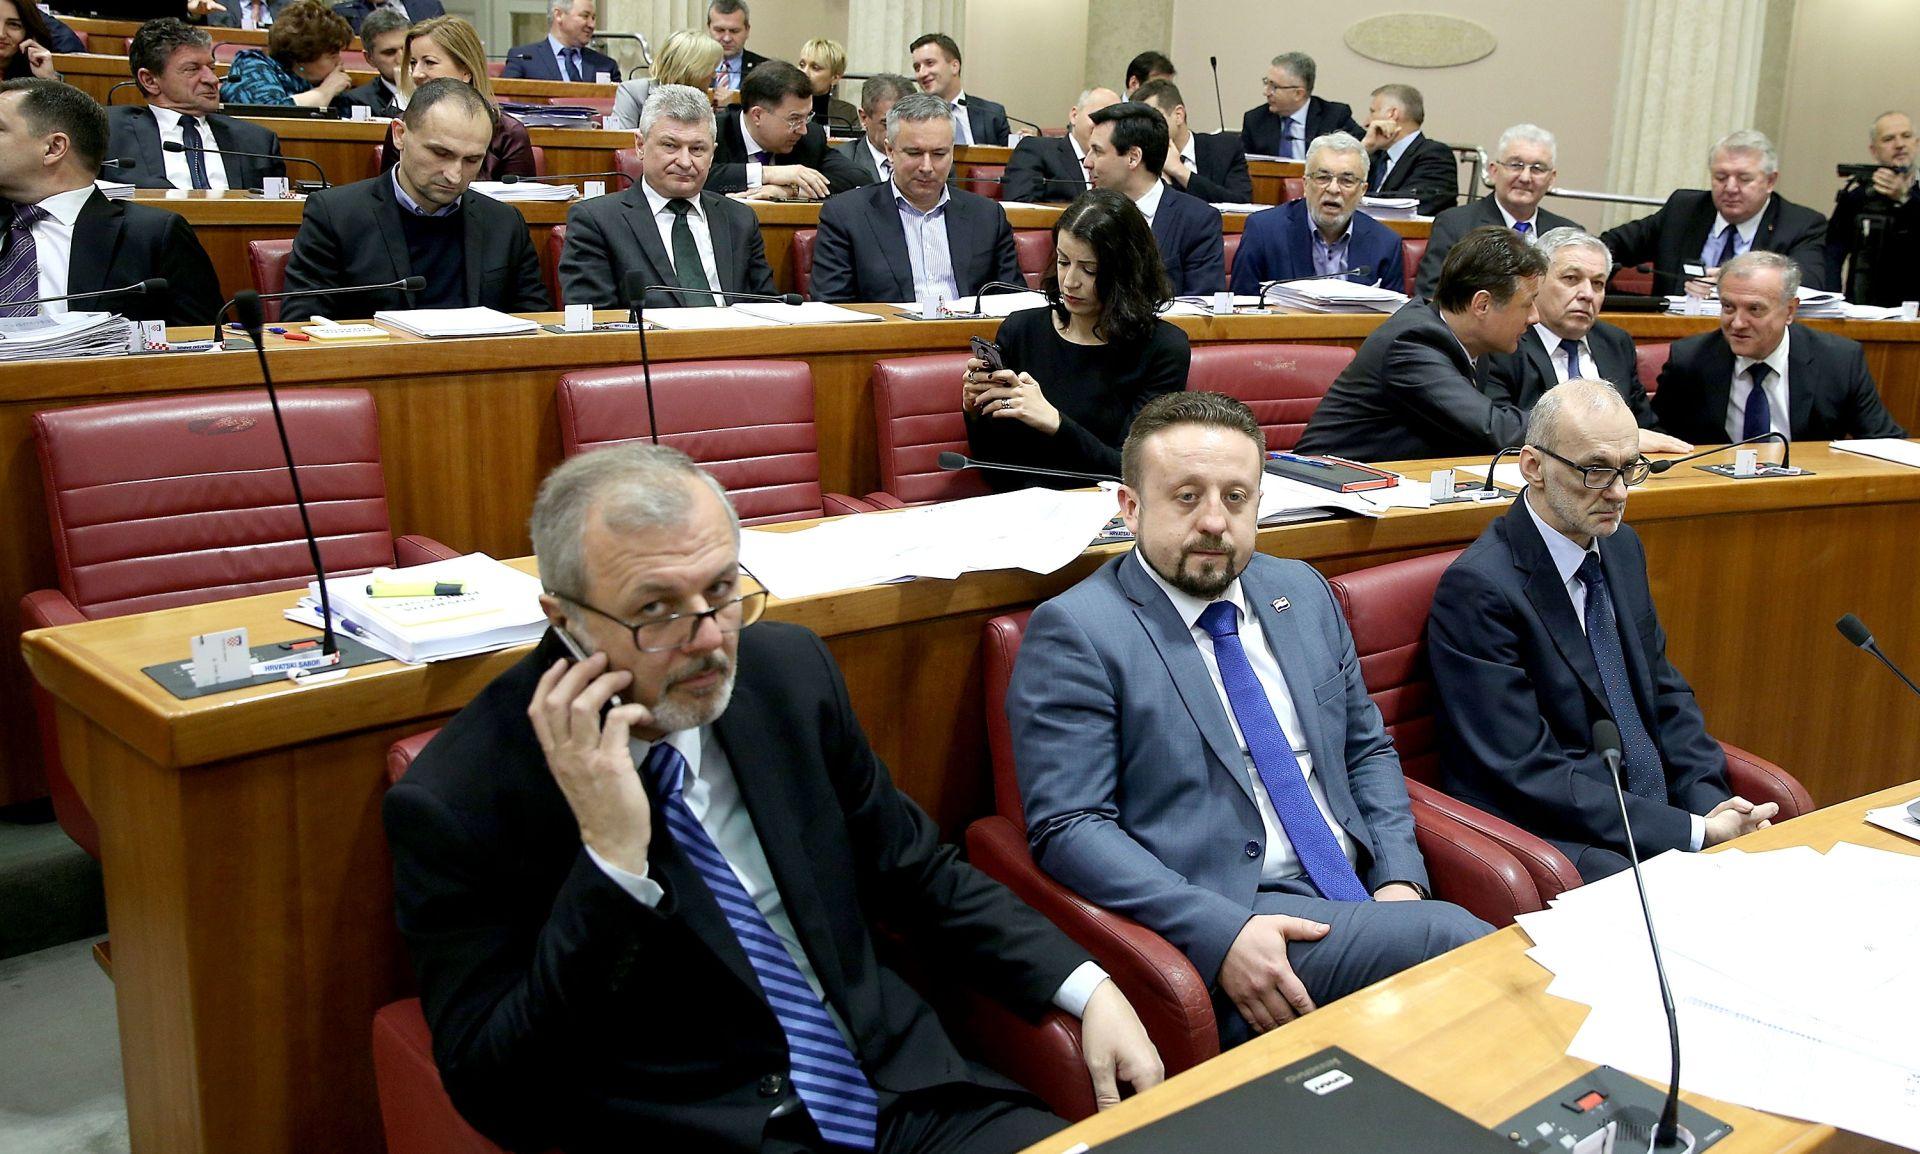 SABORSKO GLASANJE U SRIJEDU Tomislav Karamarko zaprijetio sankcijama?